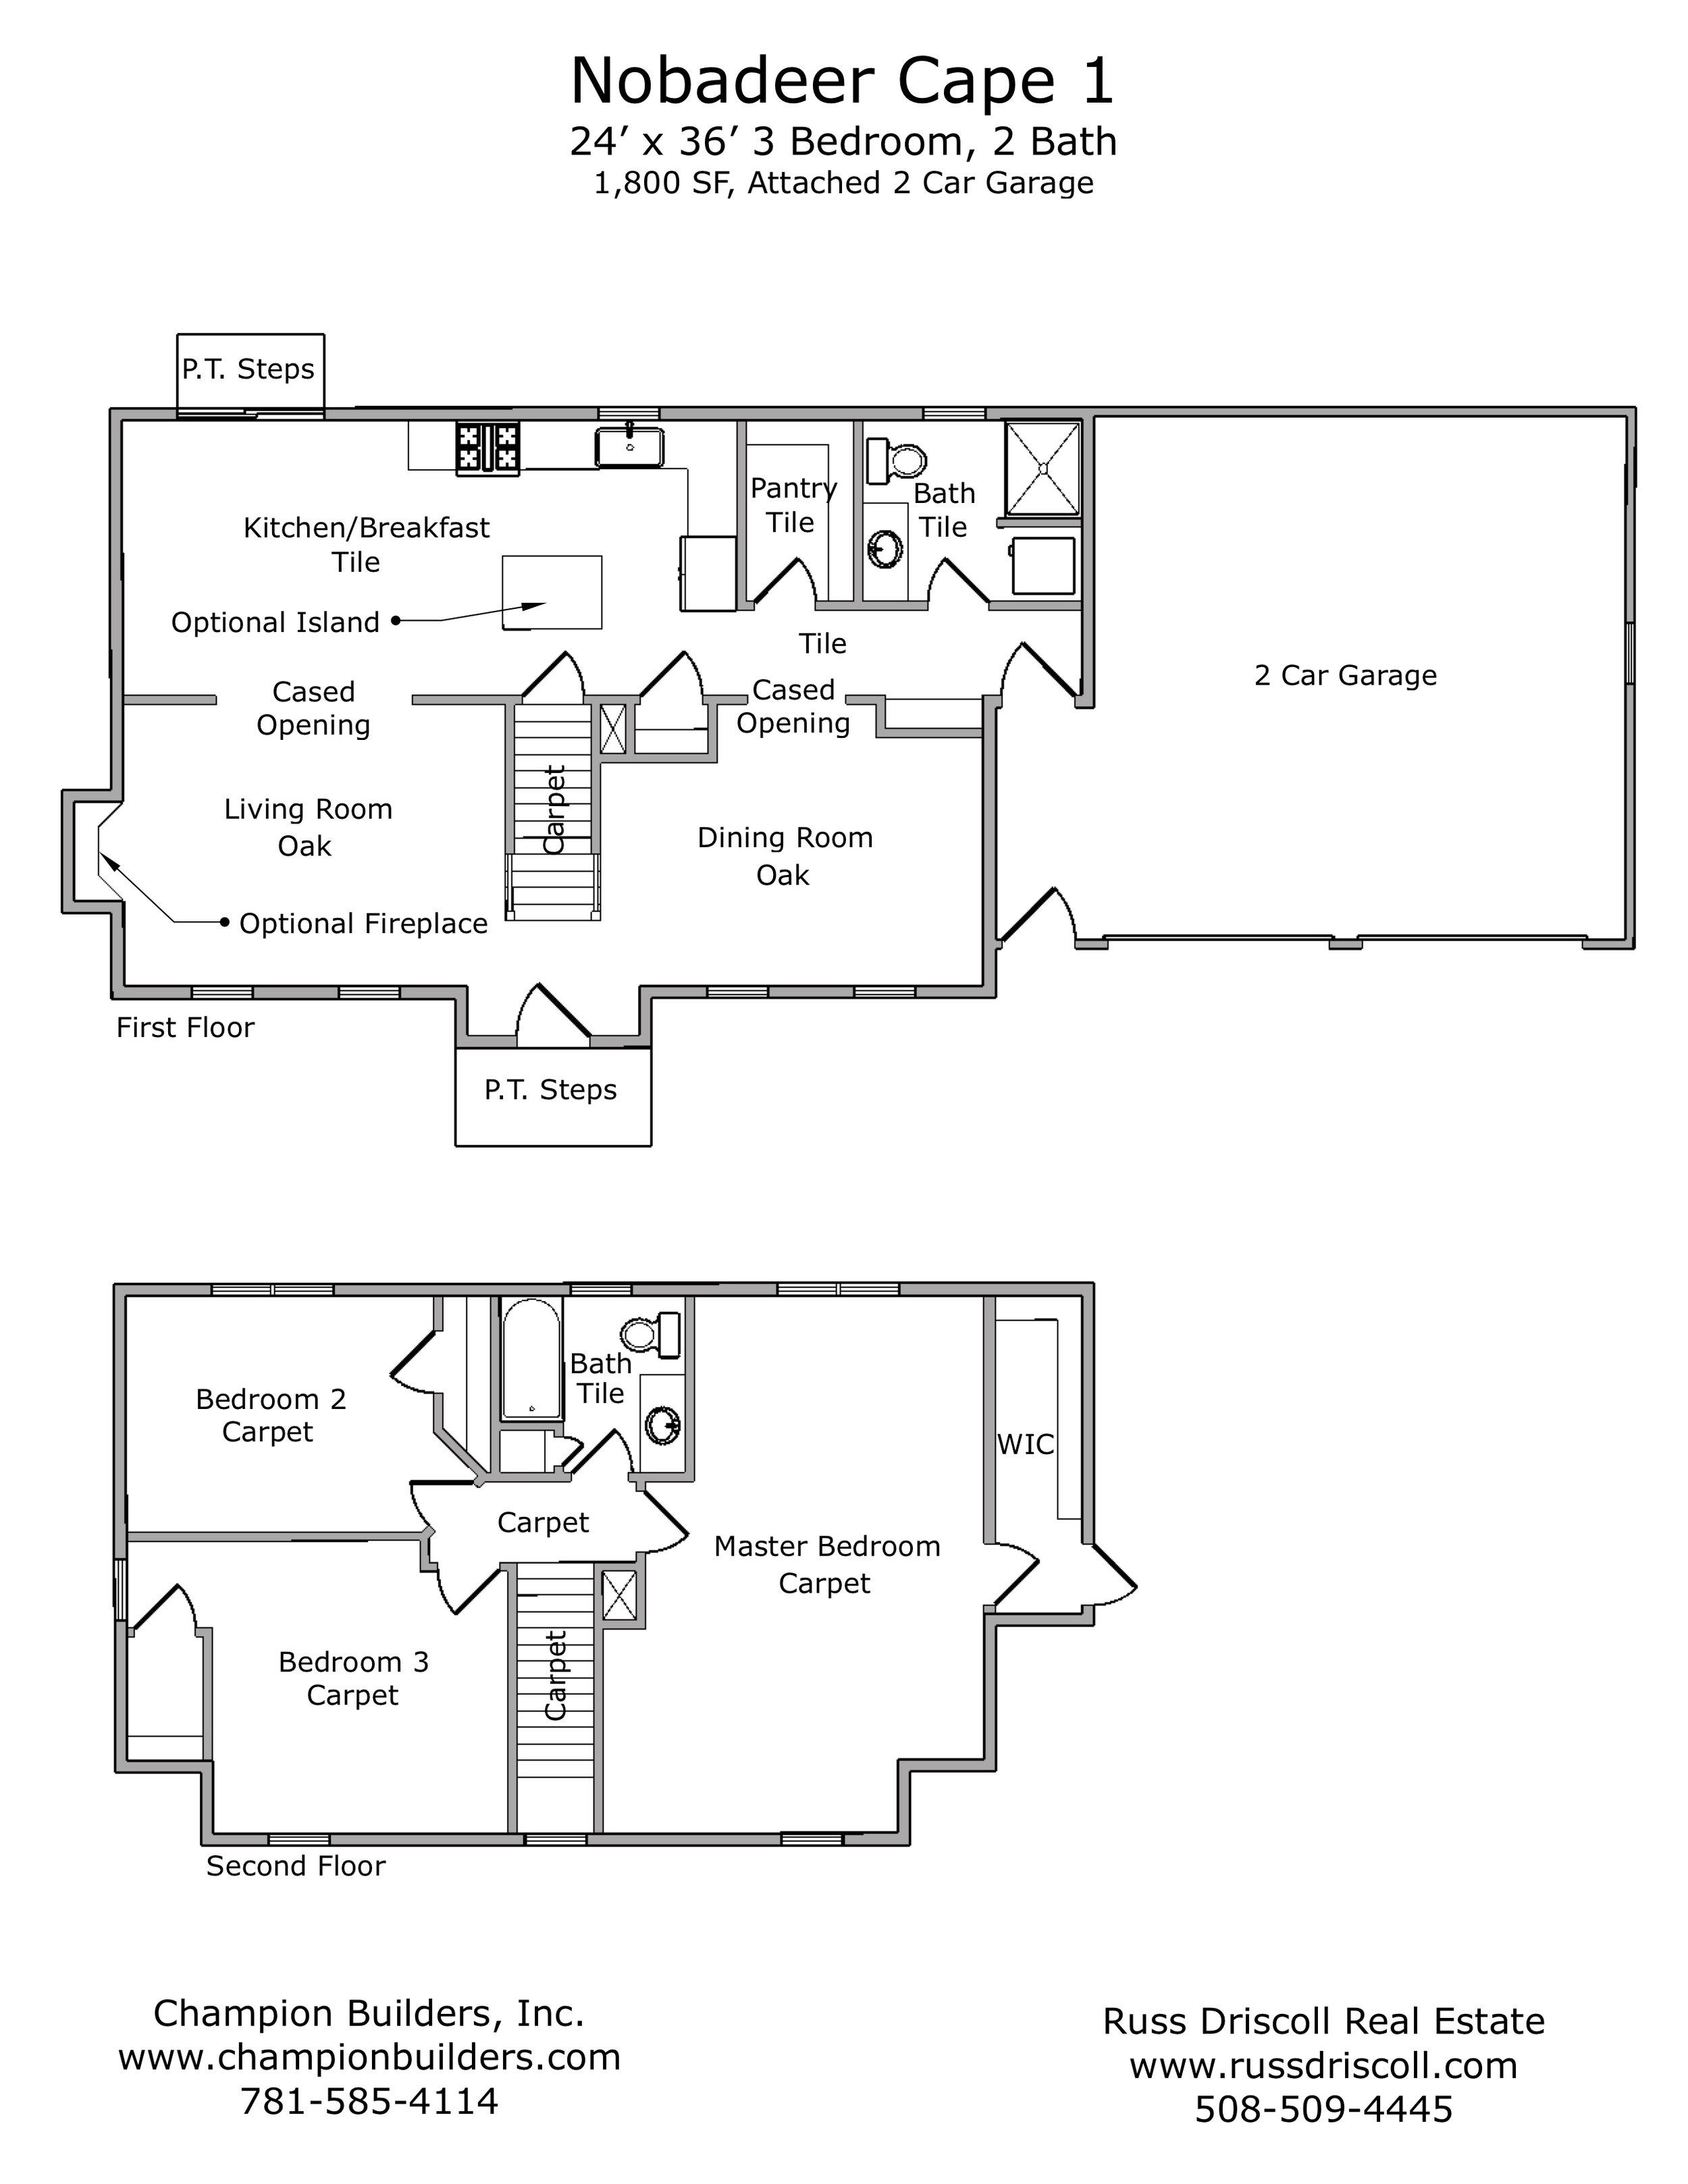 2019-01-18 - nobadeer 1 layout plan.jpg